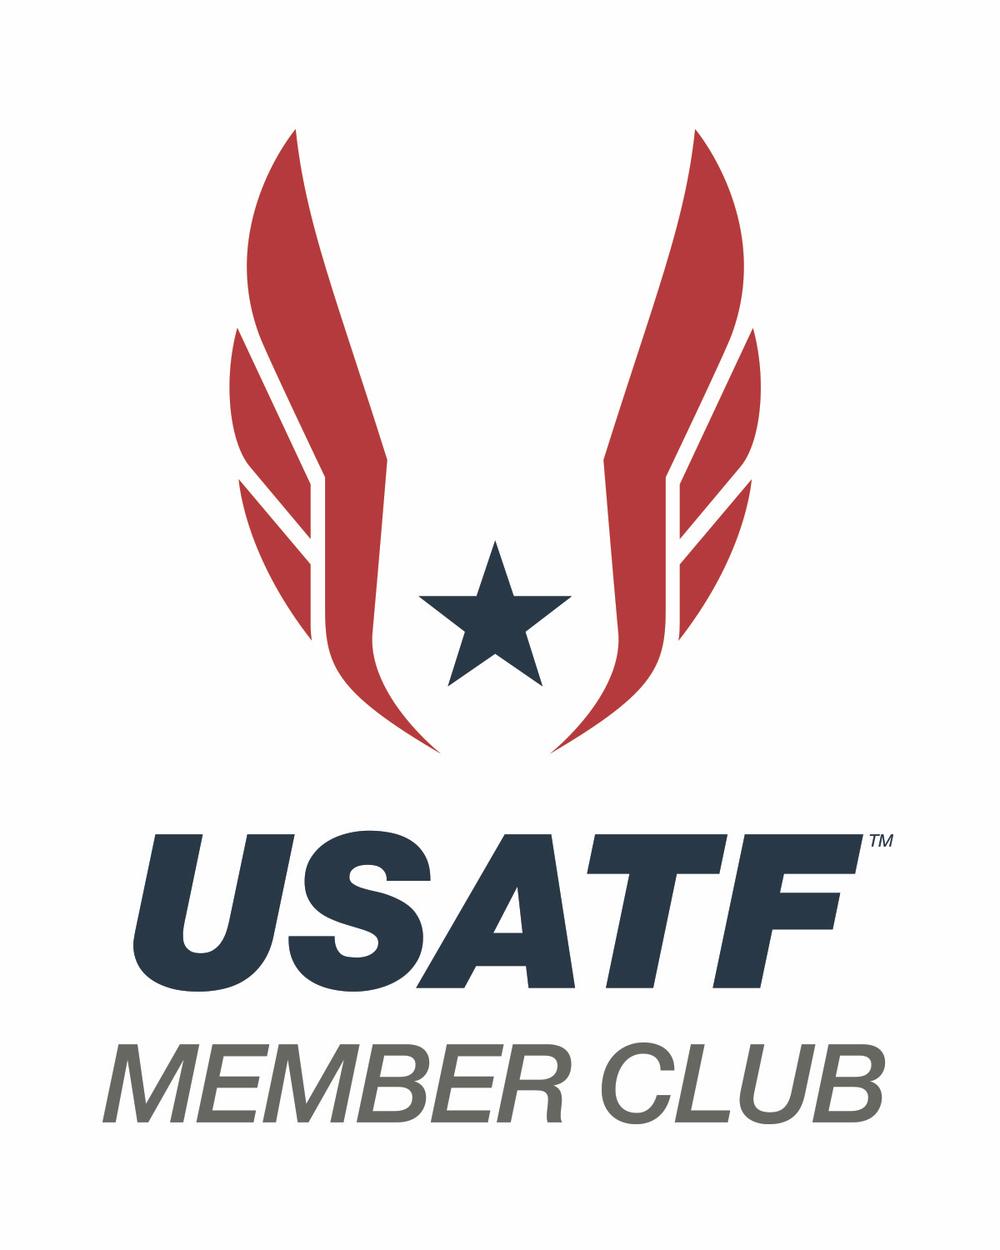 USATF_Member_Club.png